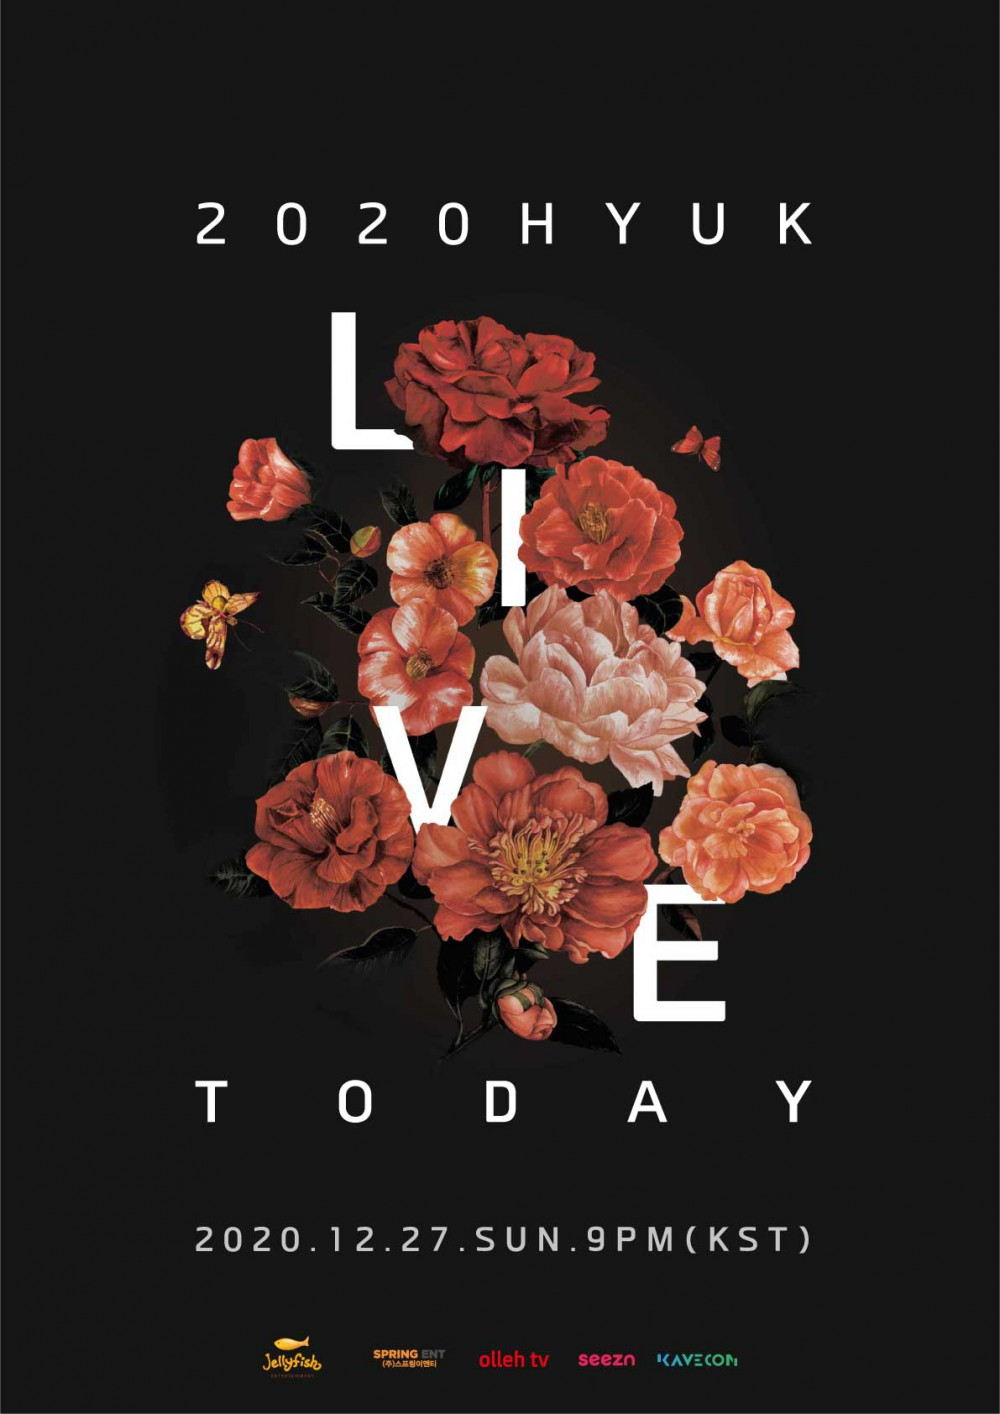 빅스 혁! 오는 27일 온라인 콘서트 '2020 HYUK LIVE TODAY' 개최!